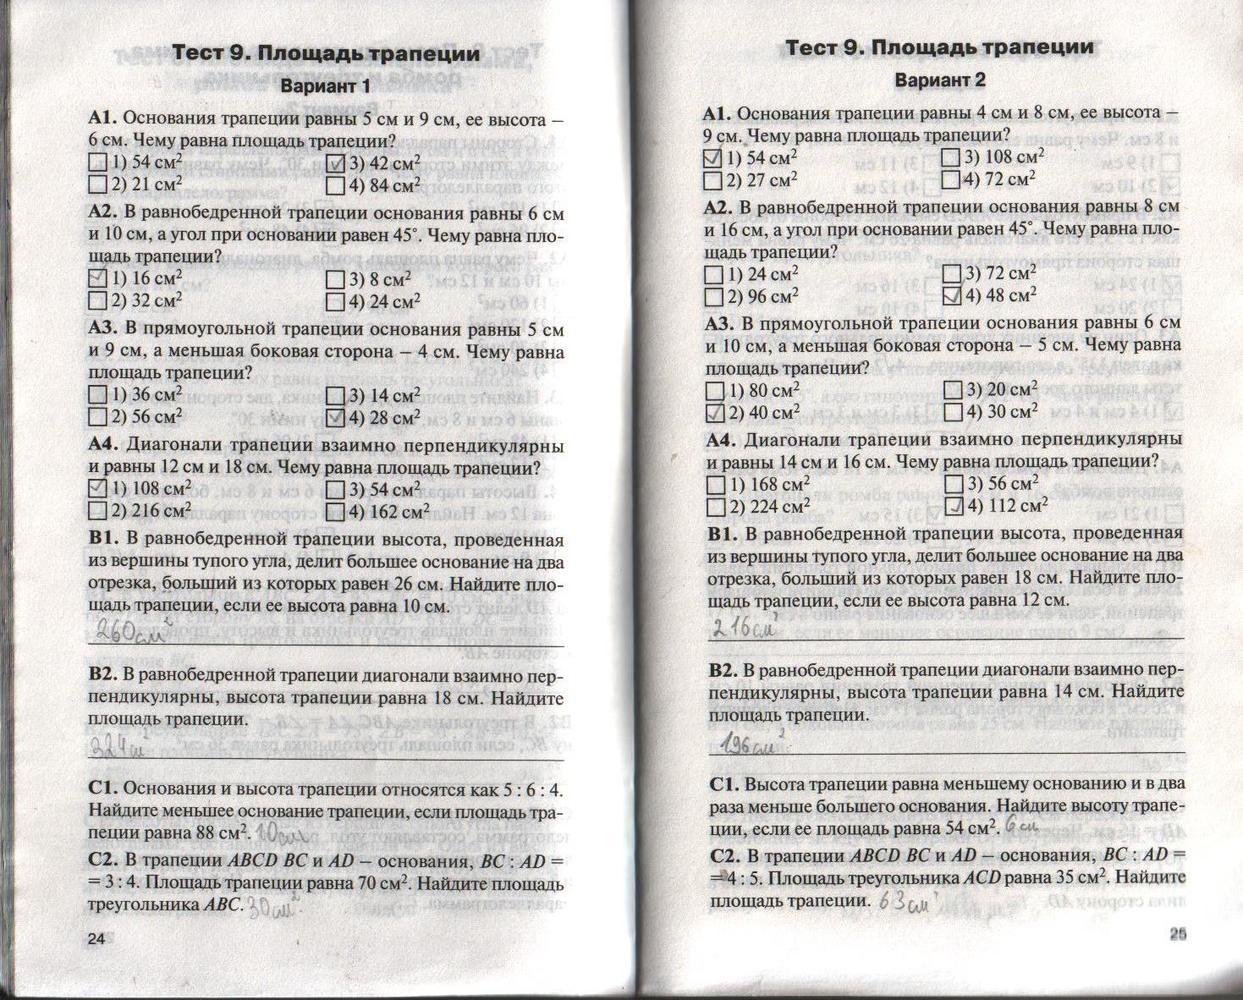 Контрольно-измерительный материал 8 класс гаврилова гдз